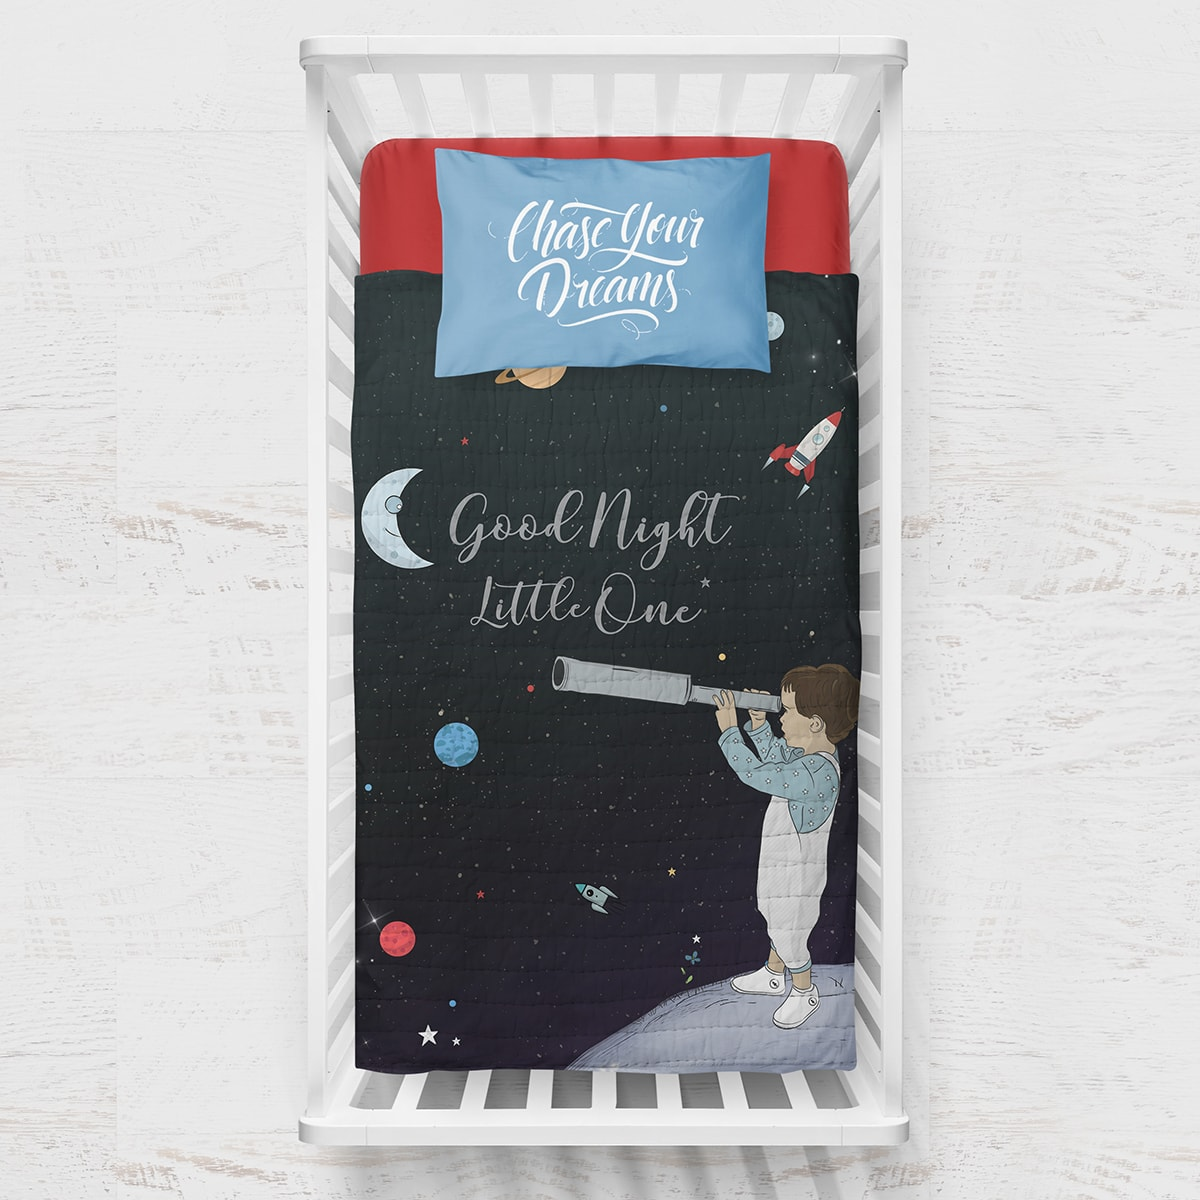 שמיכה לתינוק דגם חלל